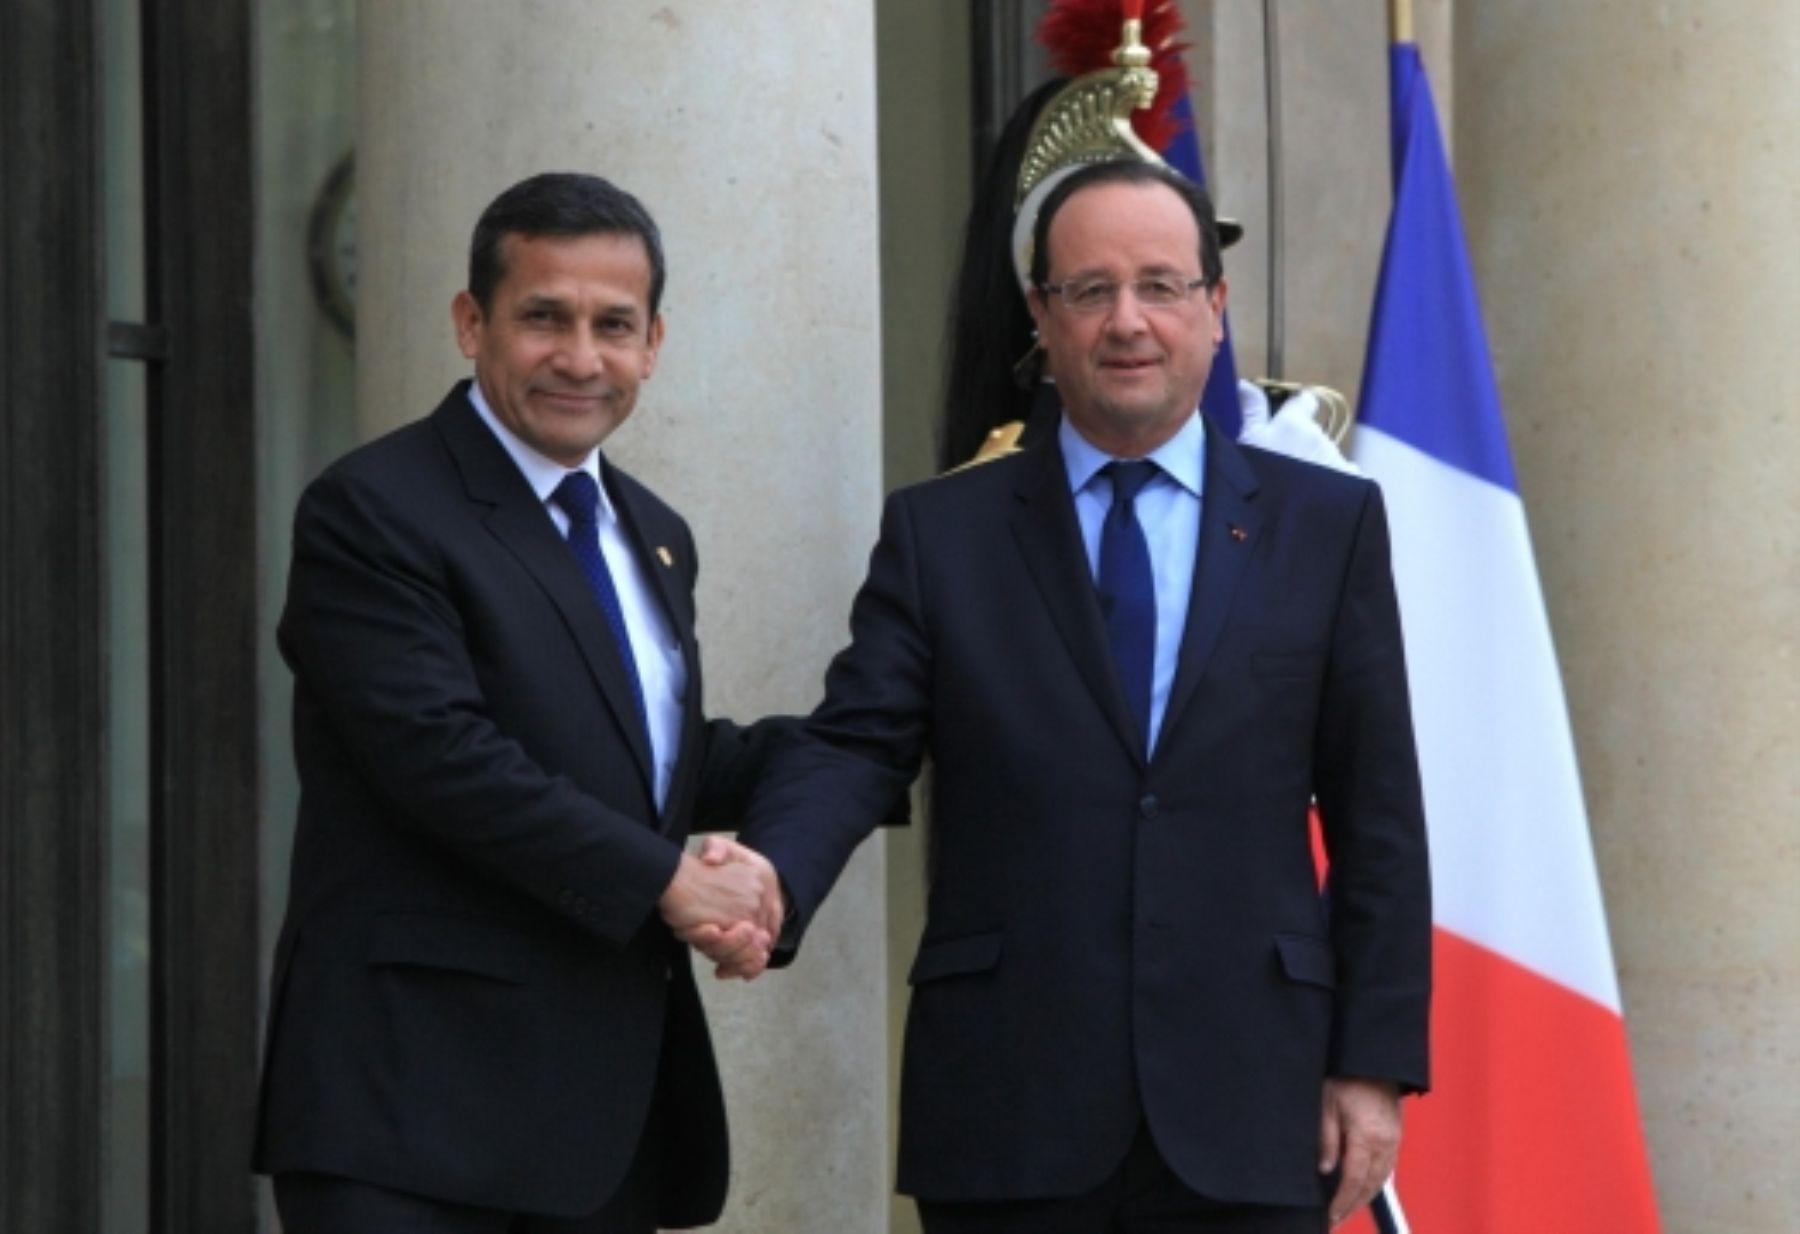 El presidente Ollanta Humala Tasso sostuvo una reunión informal en el Palacio del Elíseo con su homólogo de Francia, François Hollande, durante la escala técnica en Paris. ANDINA/Cancillería Francia